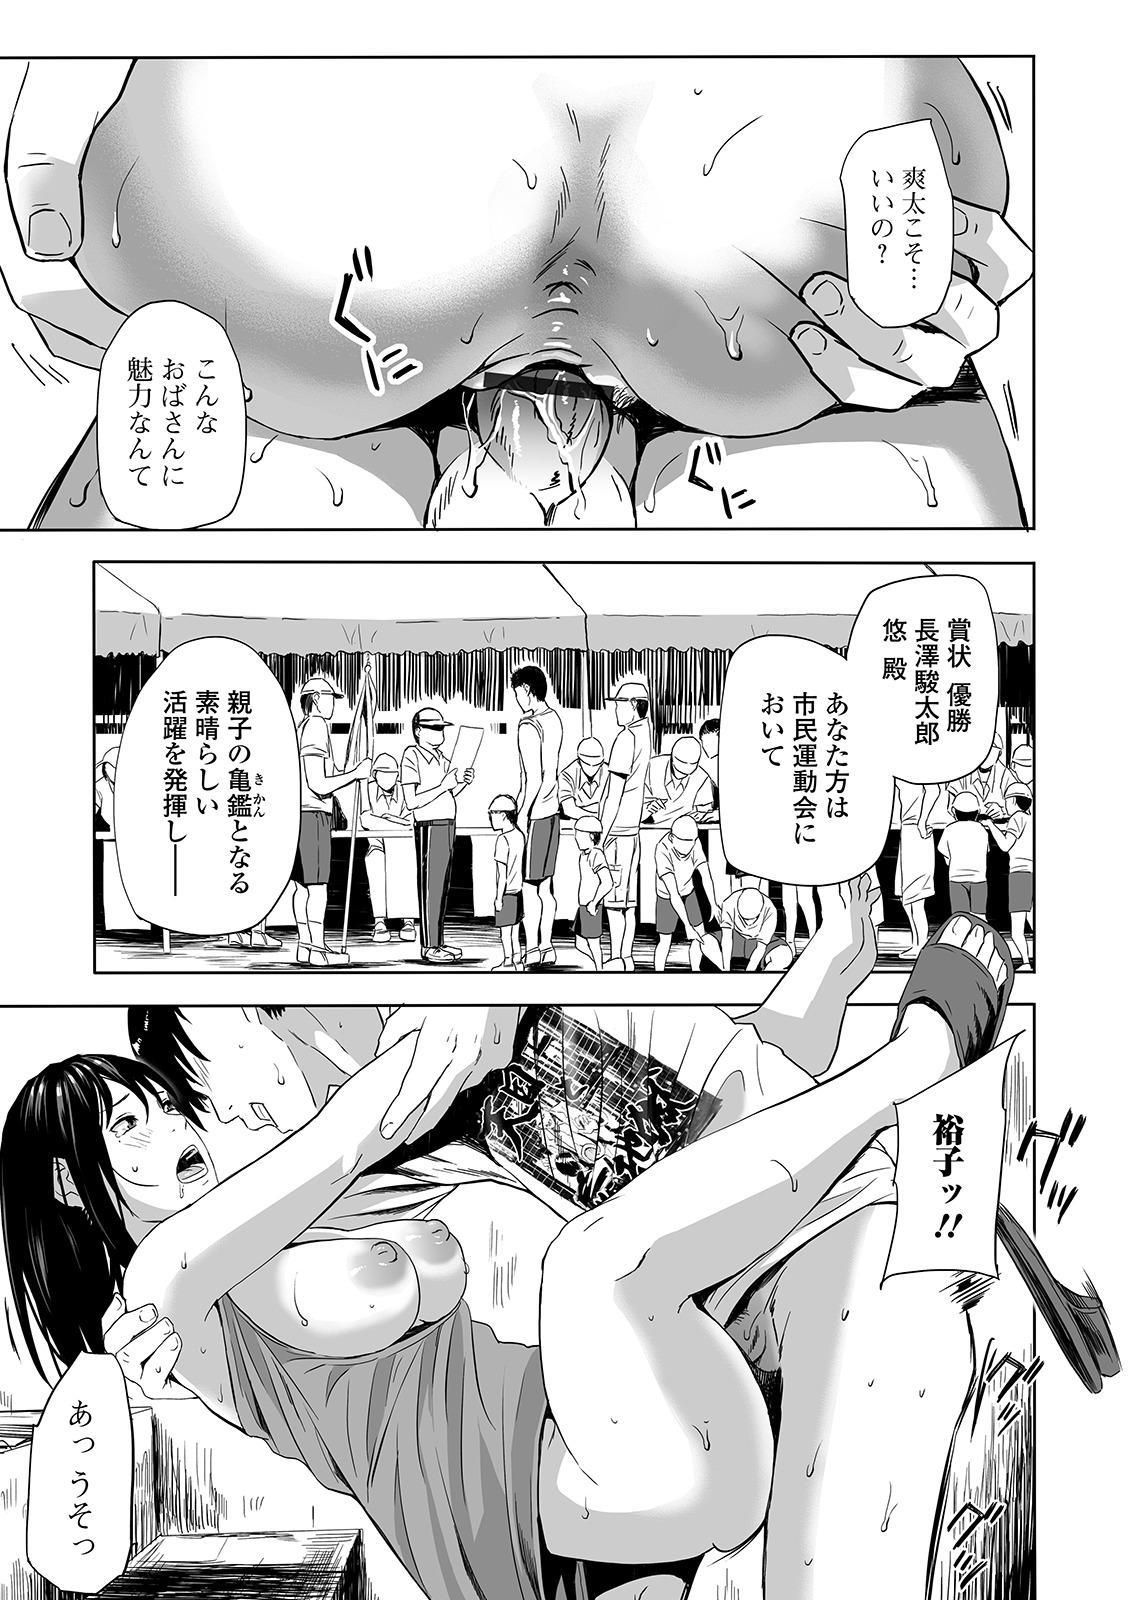 Web Comic Toutetsu Vol. 45 52